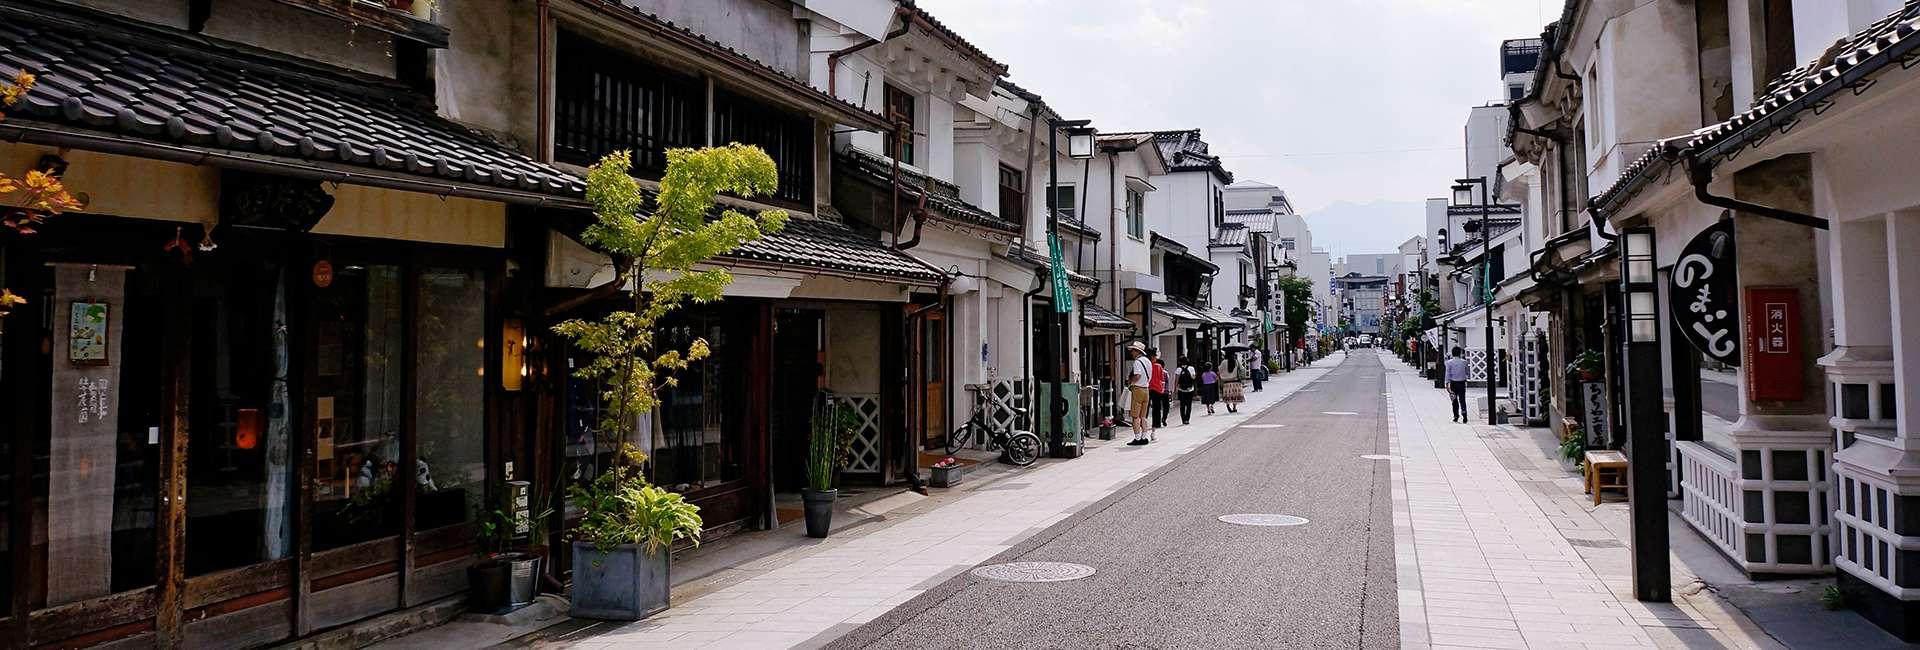 une rue de Matsumoto